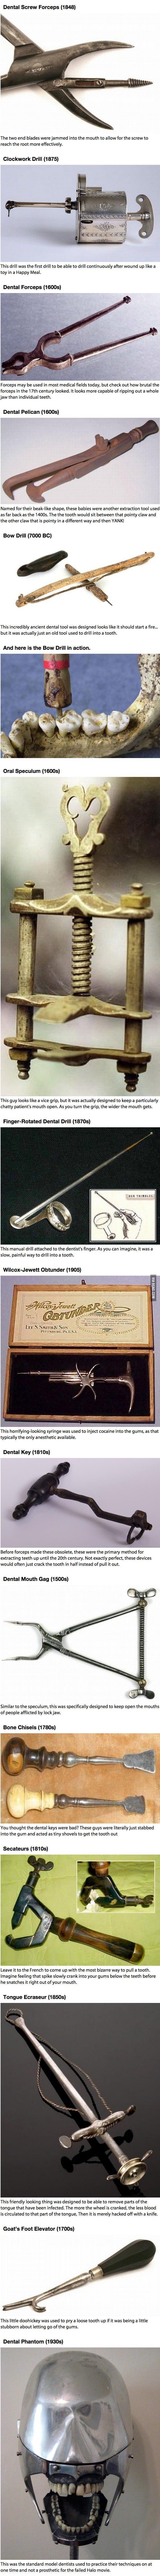 أدوات طبيب الأسنان في الماضي